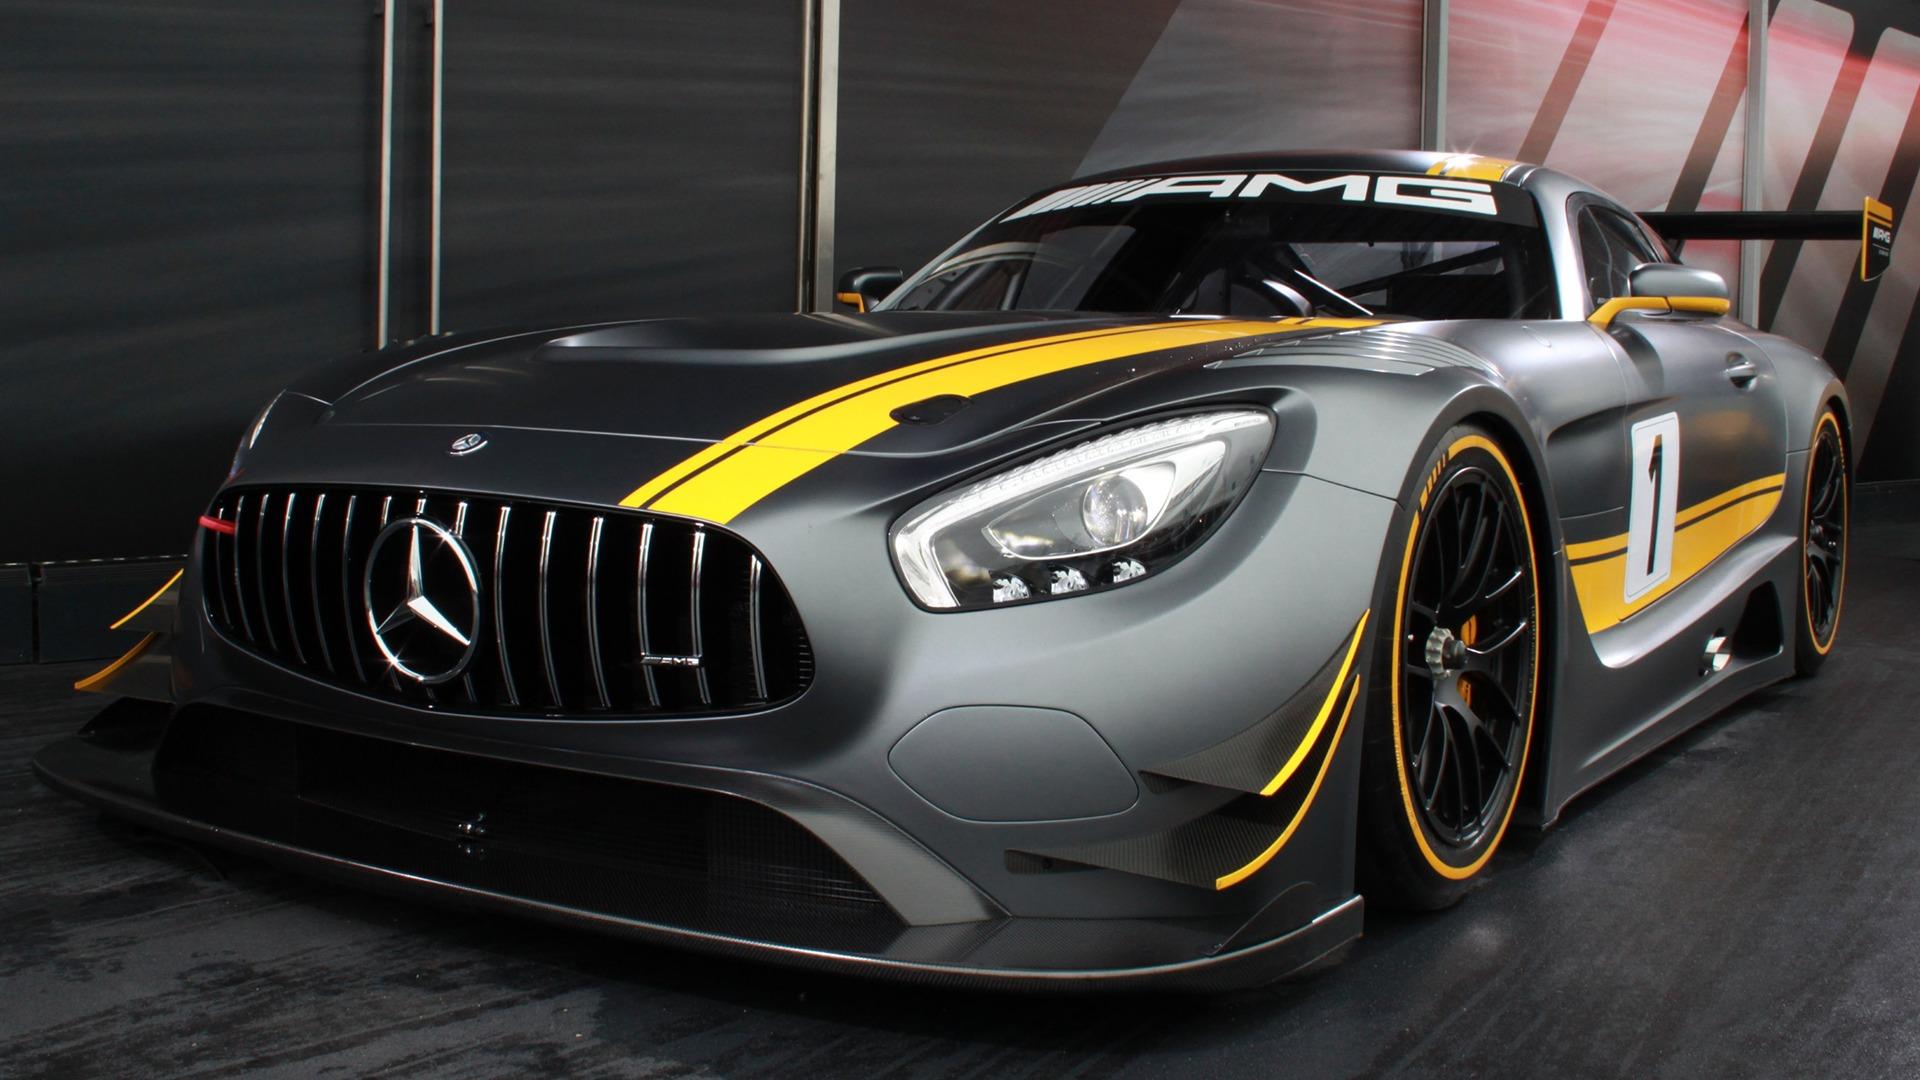 Mercedes Amg Gt3 2016 Voiture Luxe Hd Fond D Ecran Apercu 10wallpaper Com